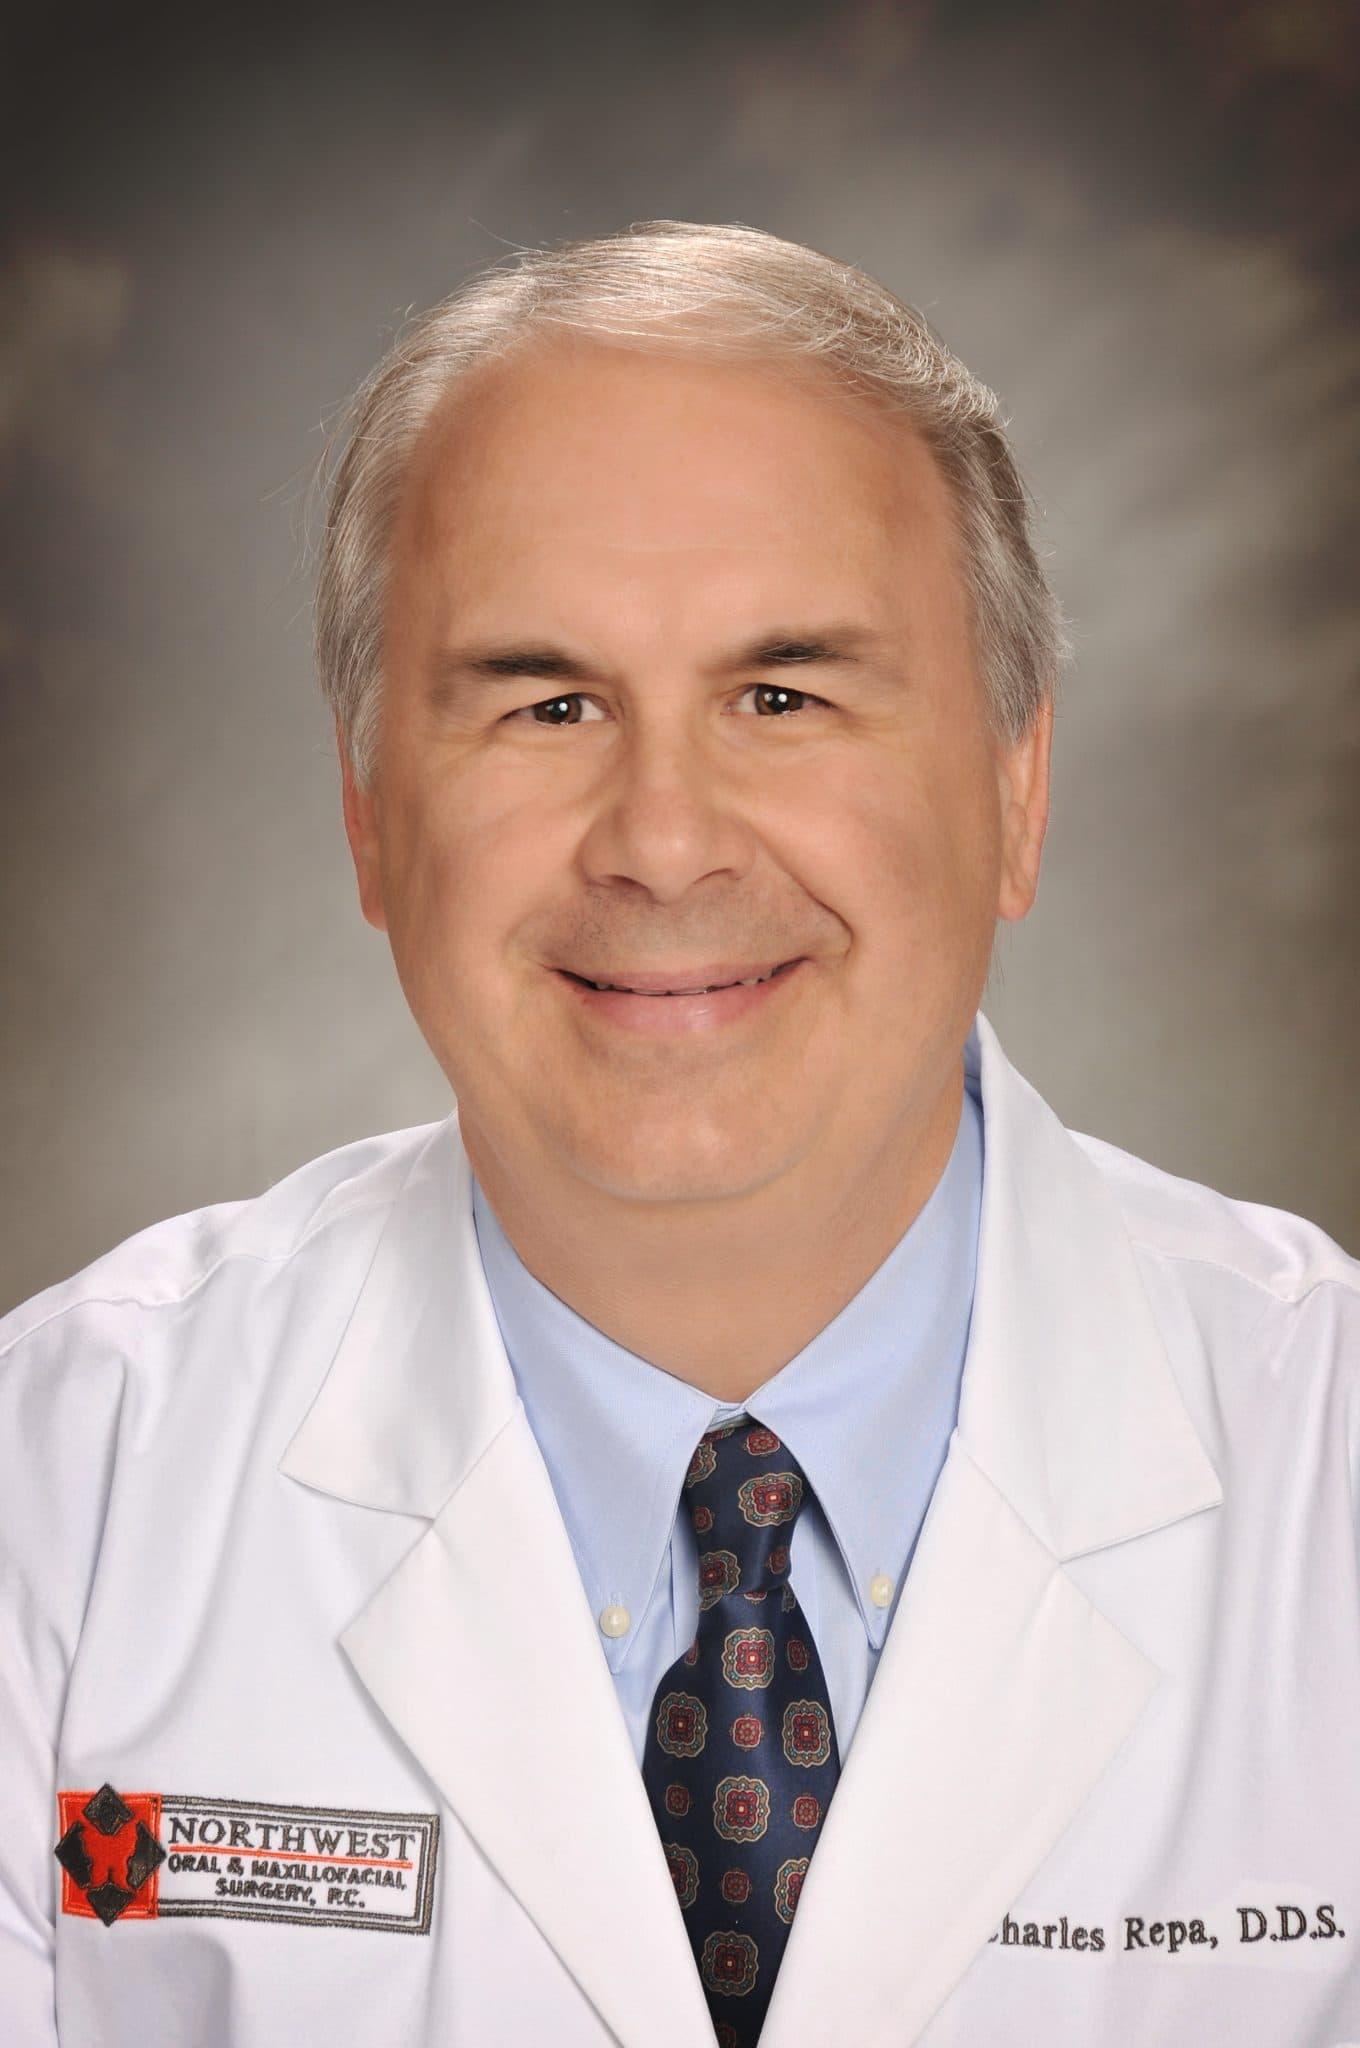 Dr Charles Repa - Northwest Oral & Maxillofacial Surgery